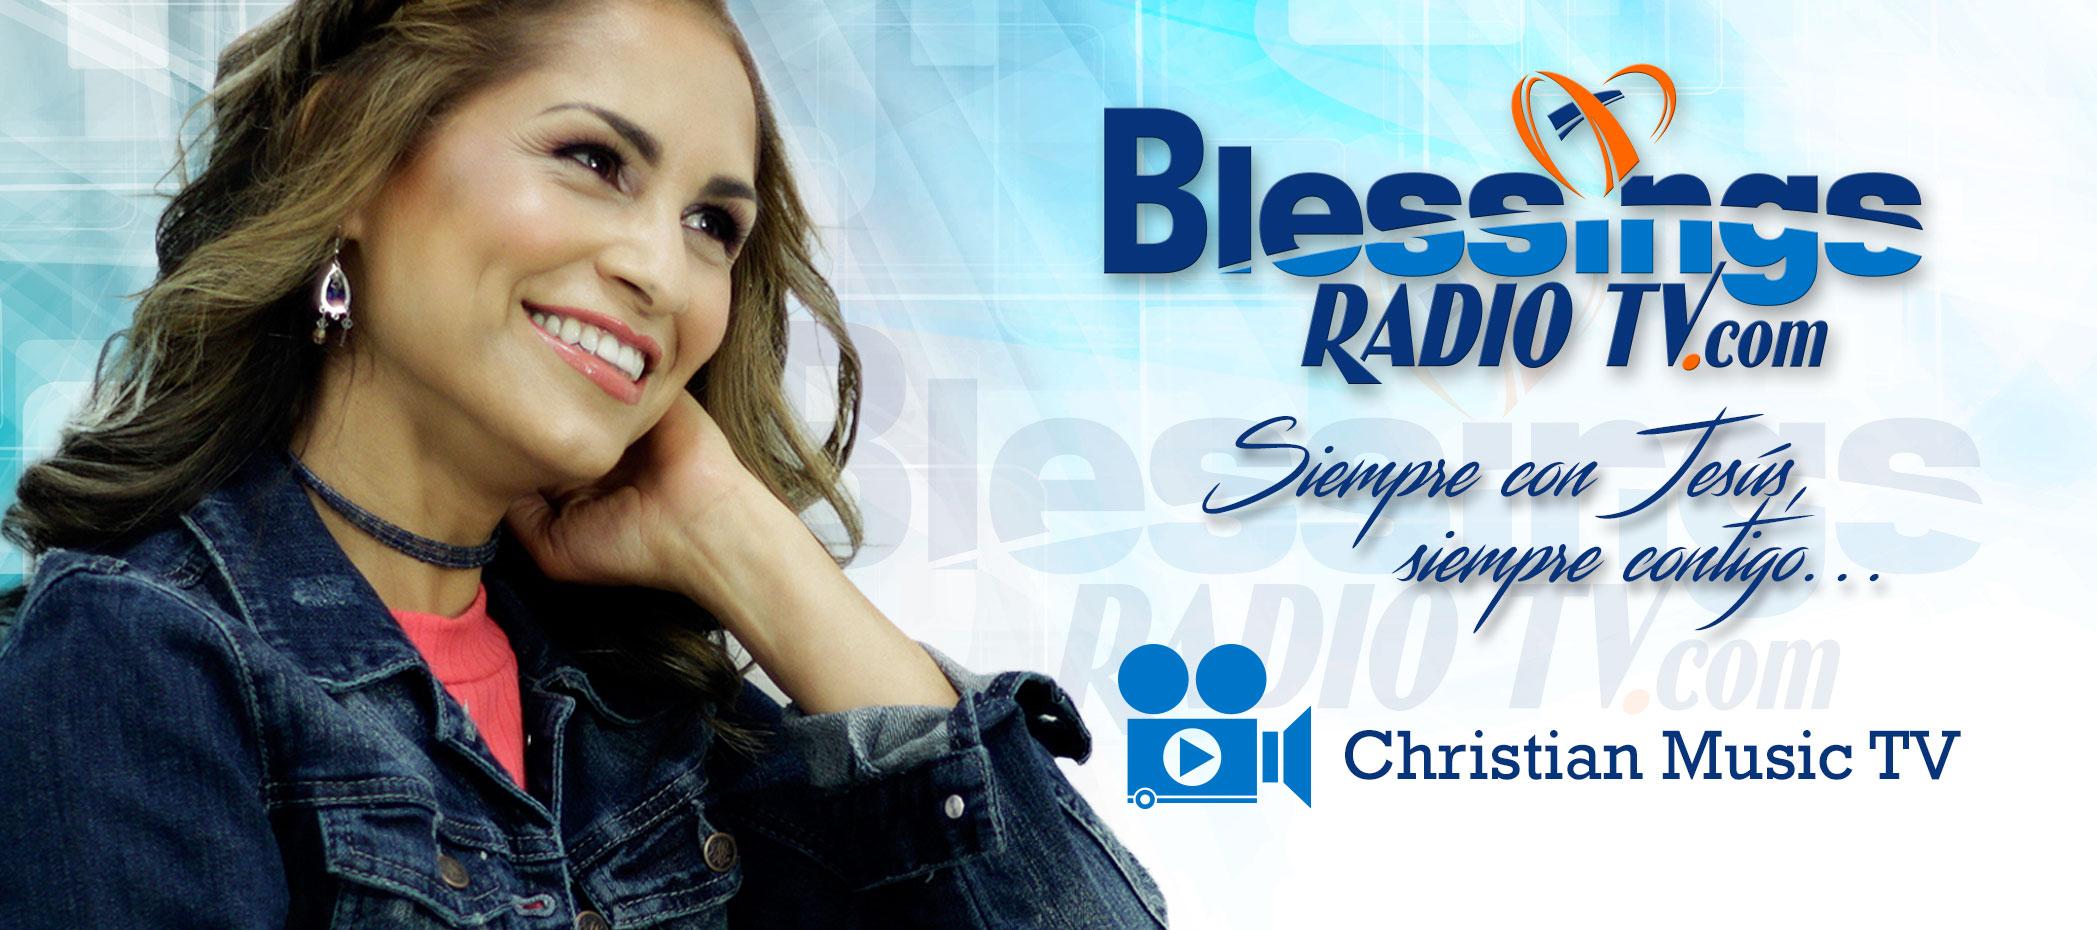 Blessings Radio Tv - Christian Music Tv